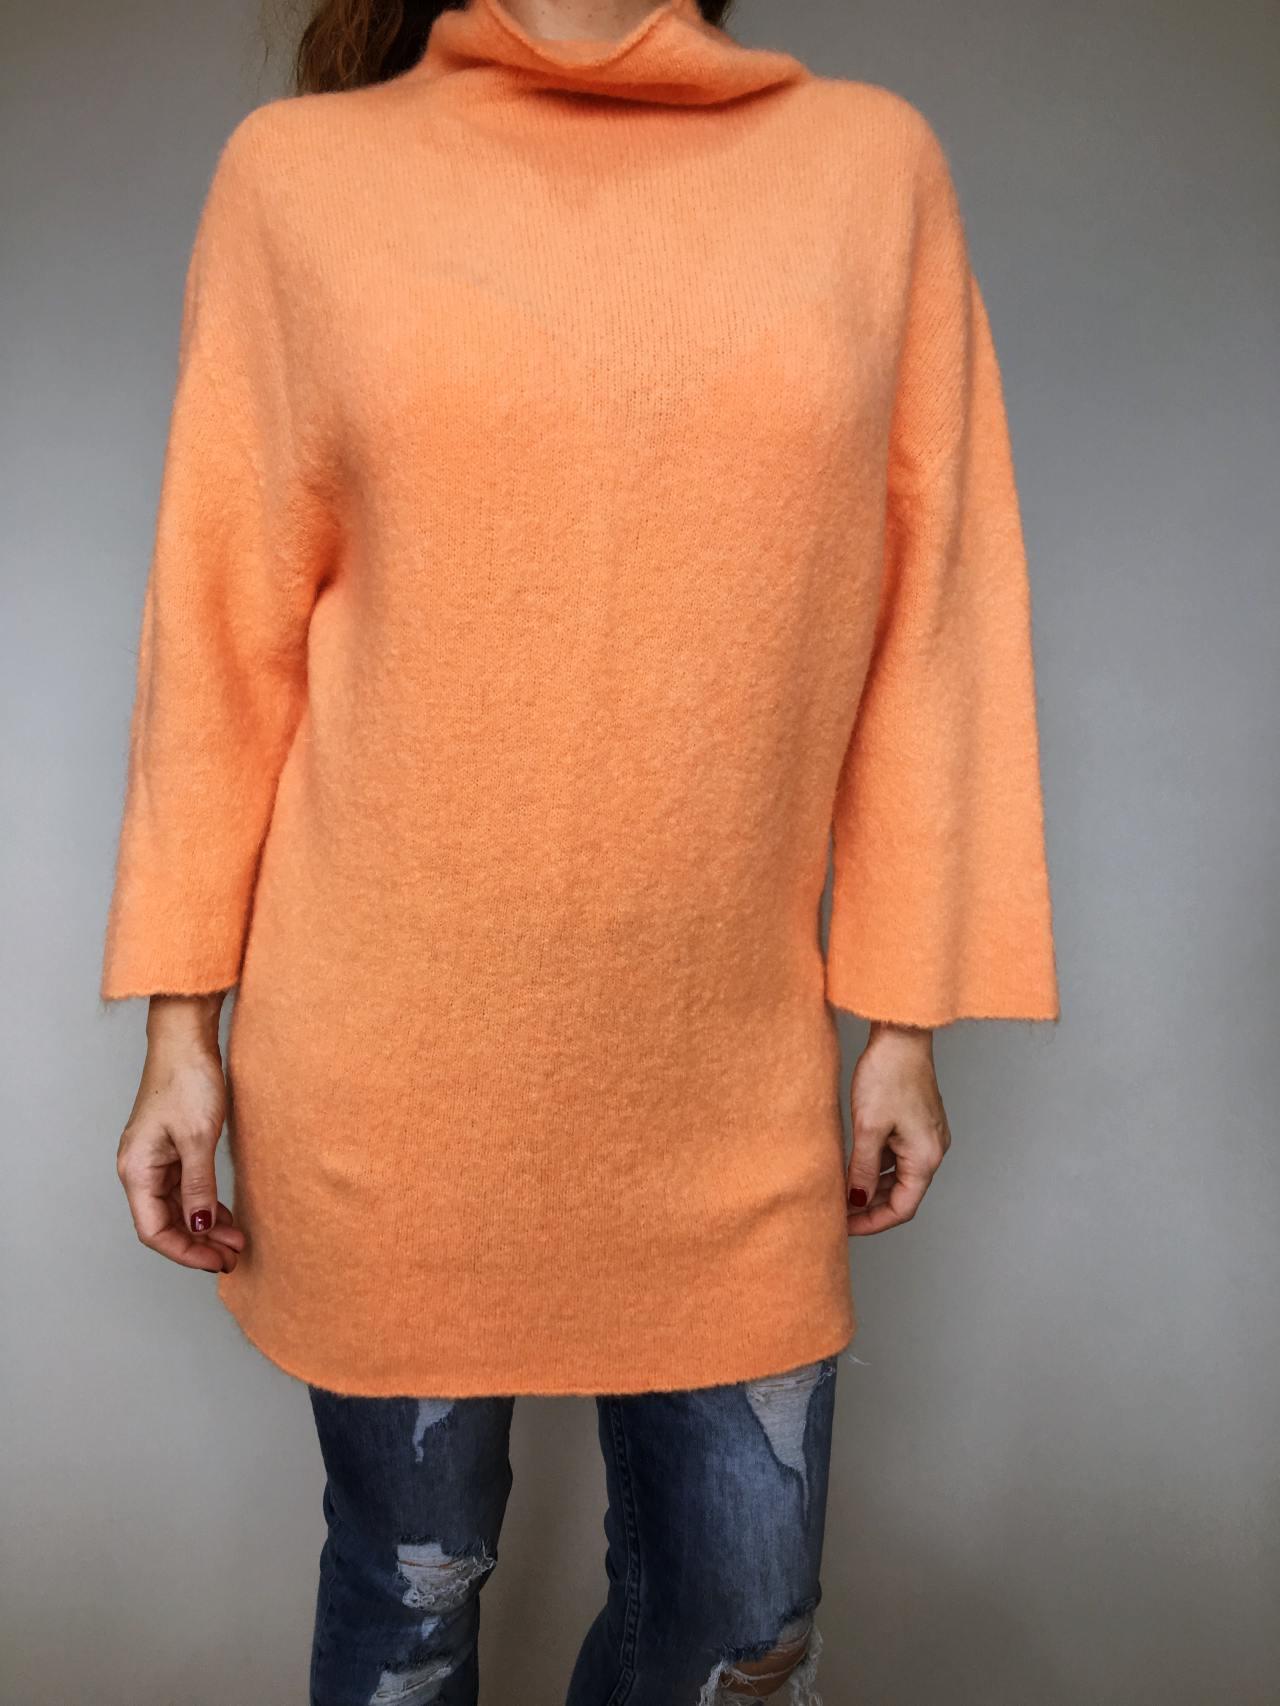 Oranžový svetr Lili 02